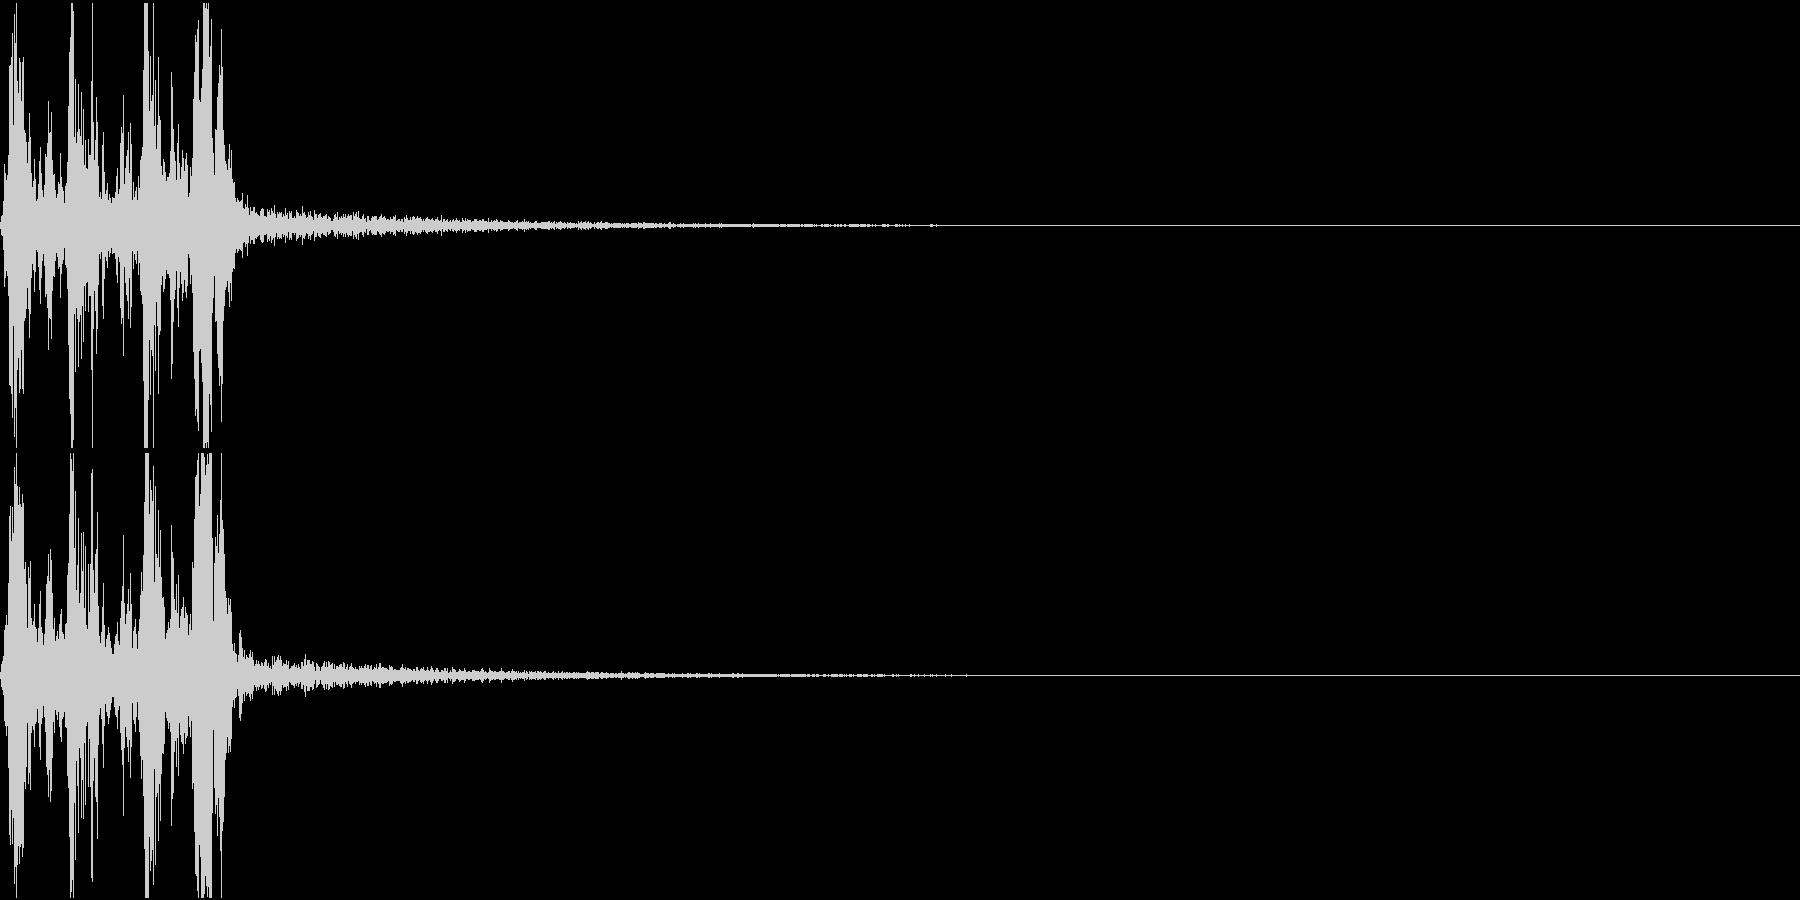 Camera 室内撮影 シャッター音 6の未再生の波形